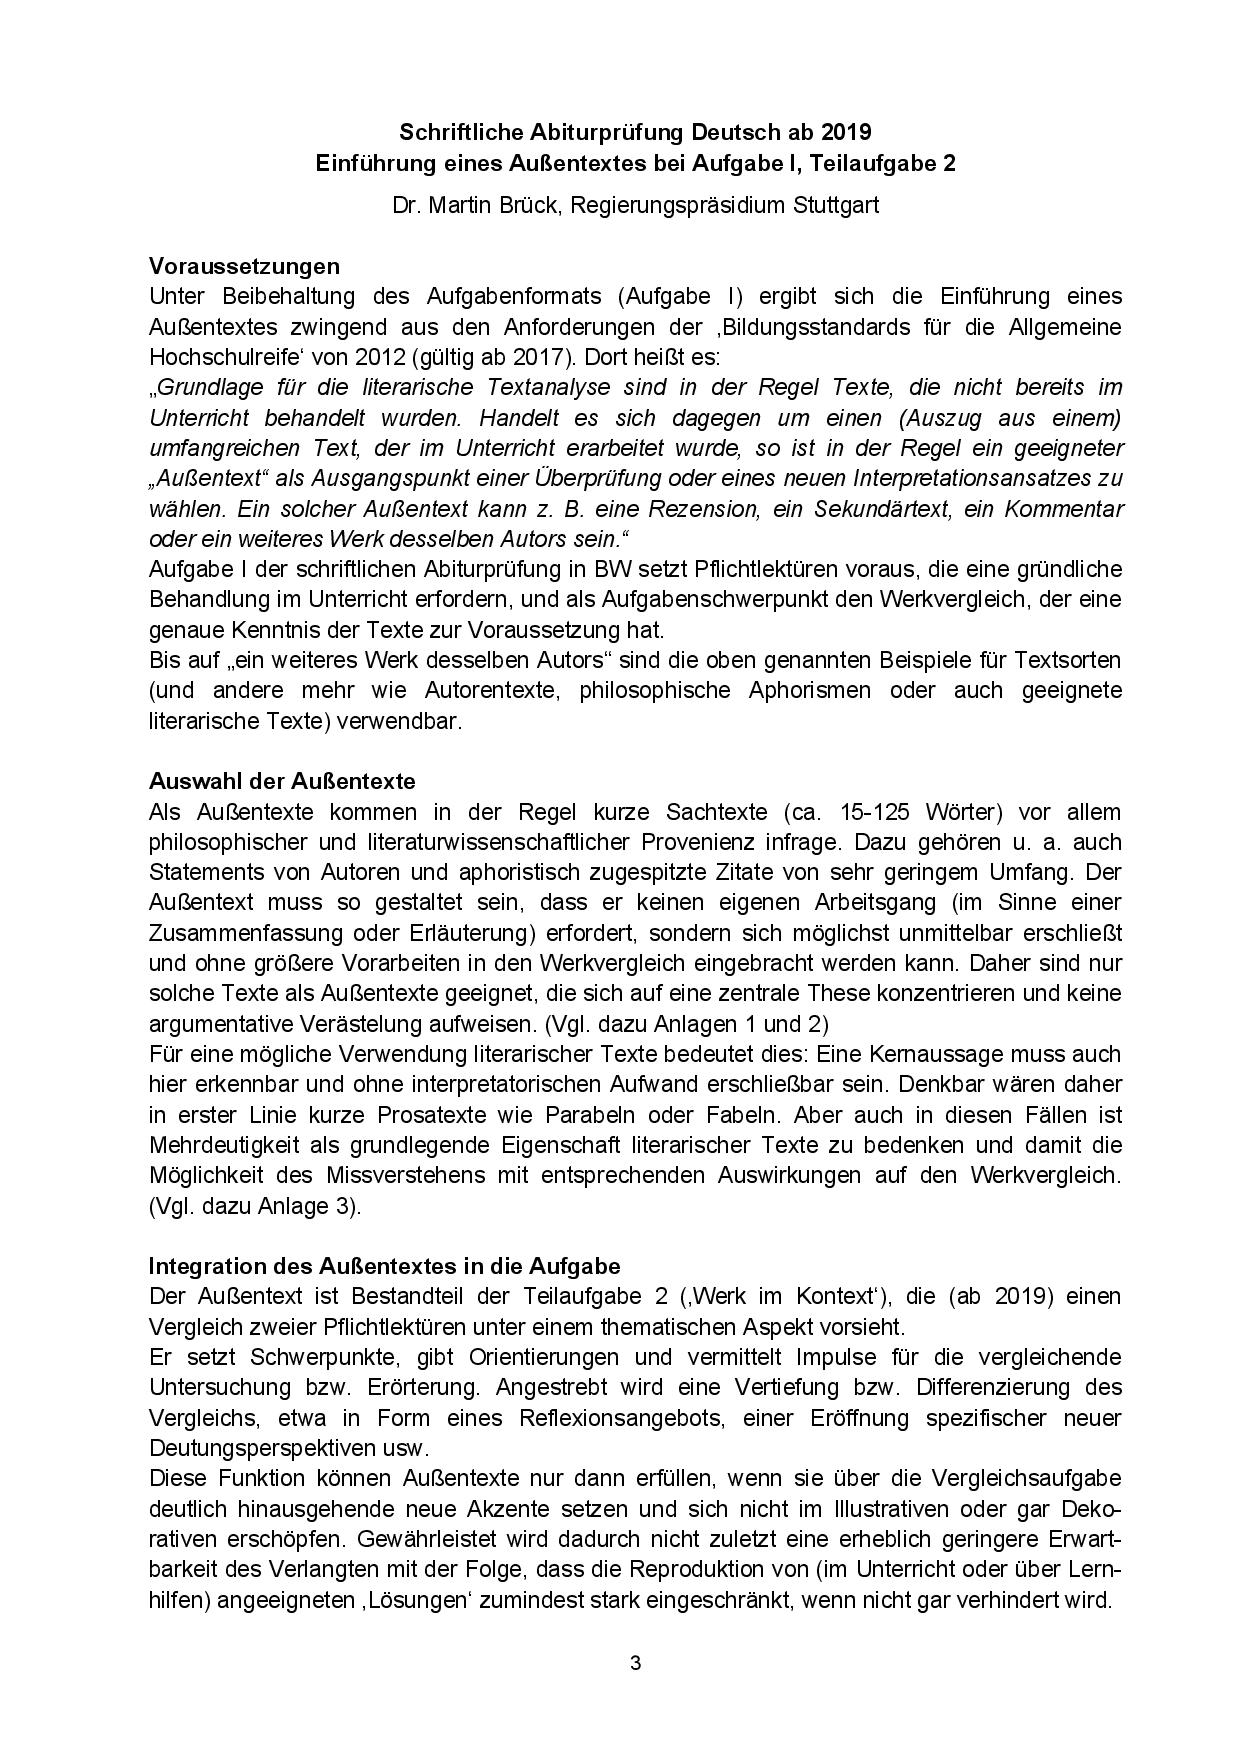 Werkvergleich Mit Aussentext Neue Pflichtlekturen Im Fach Deutsch Ab Abitur 2019 Docsity